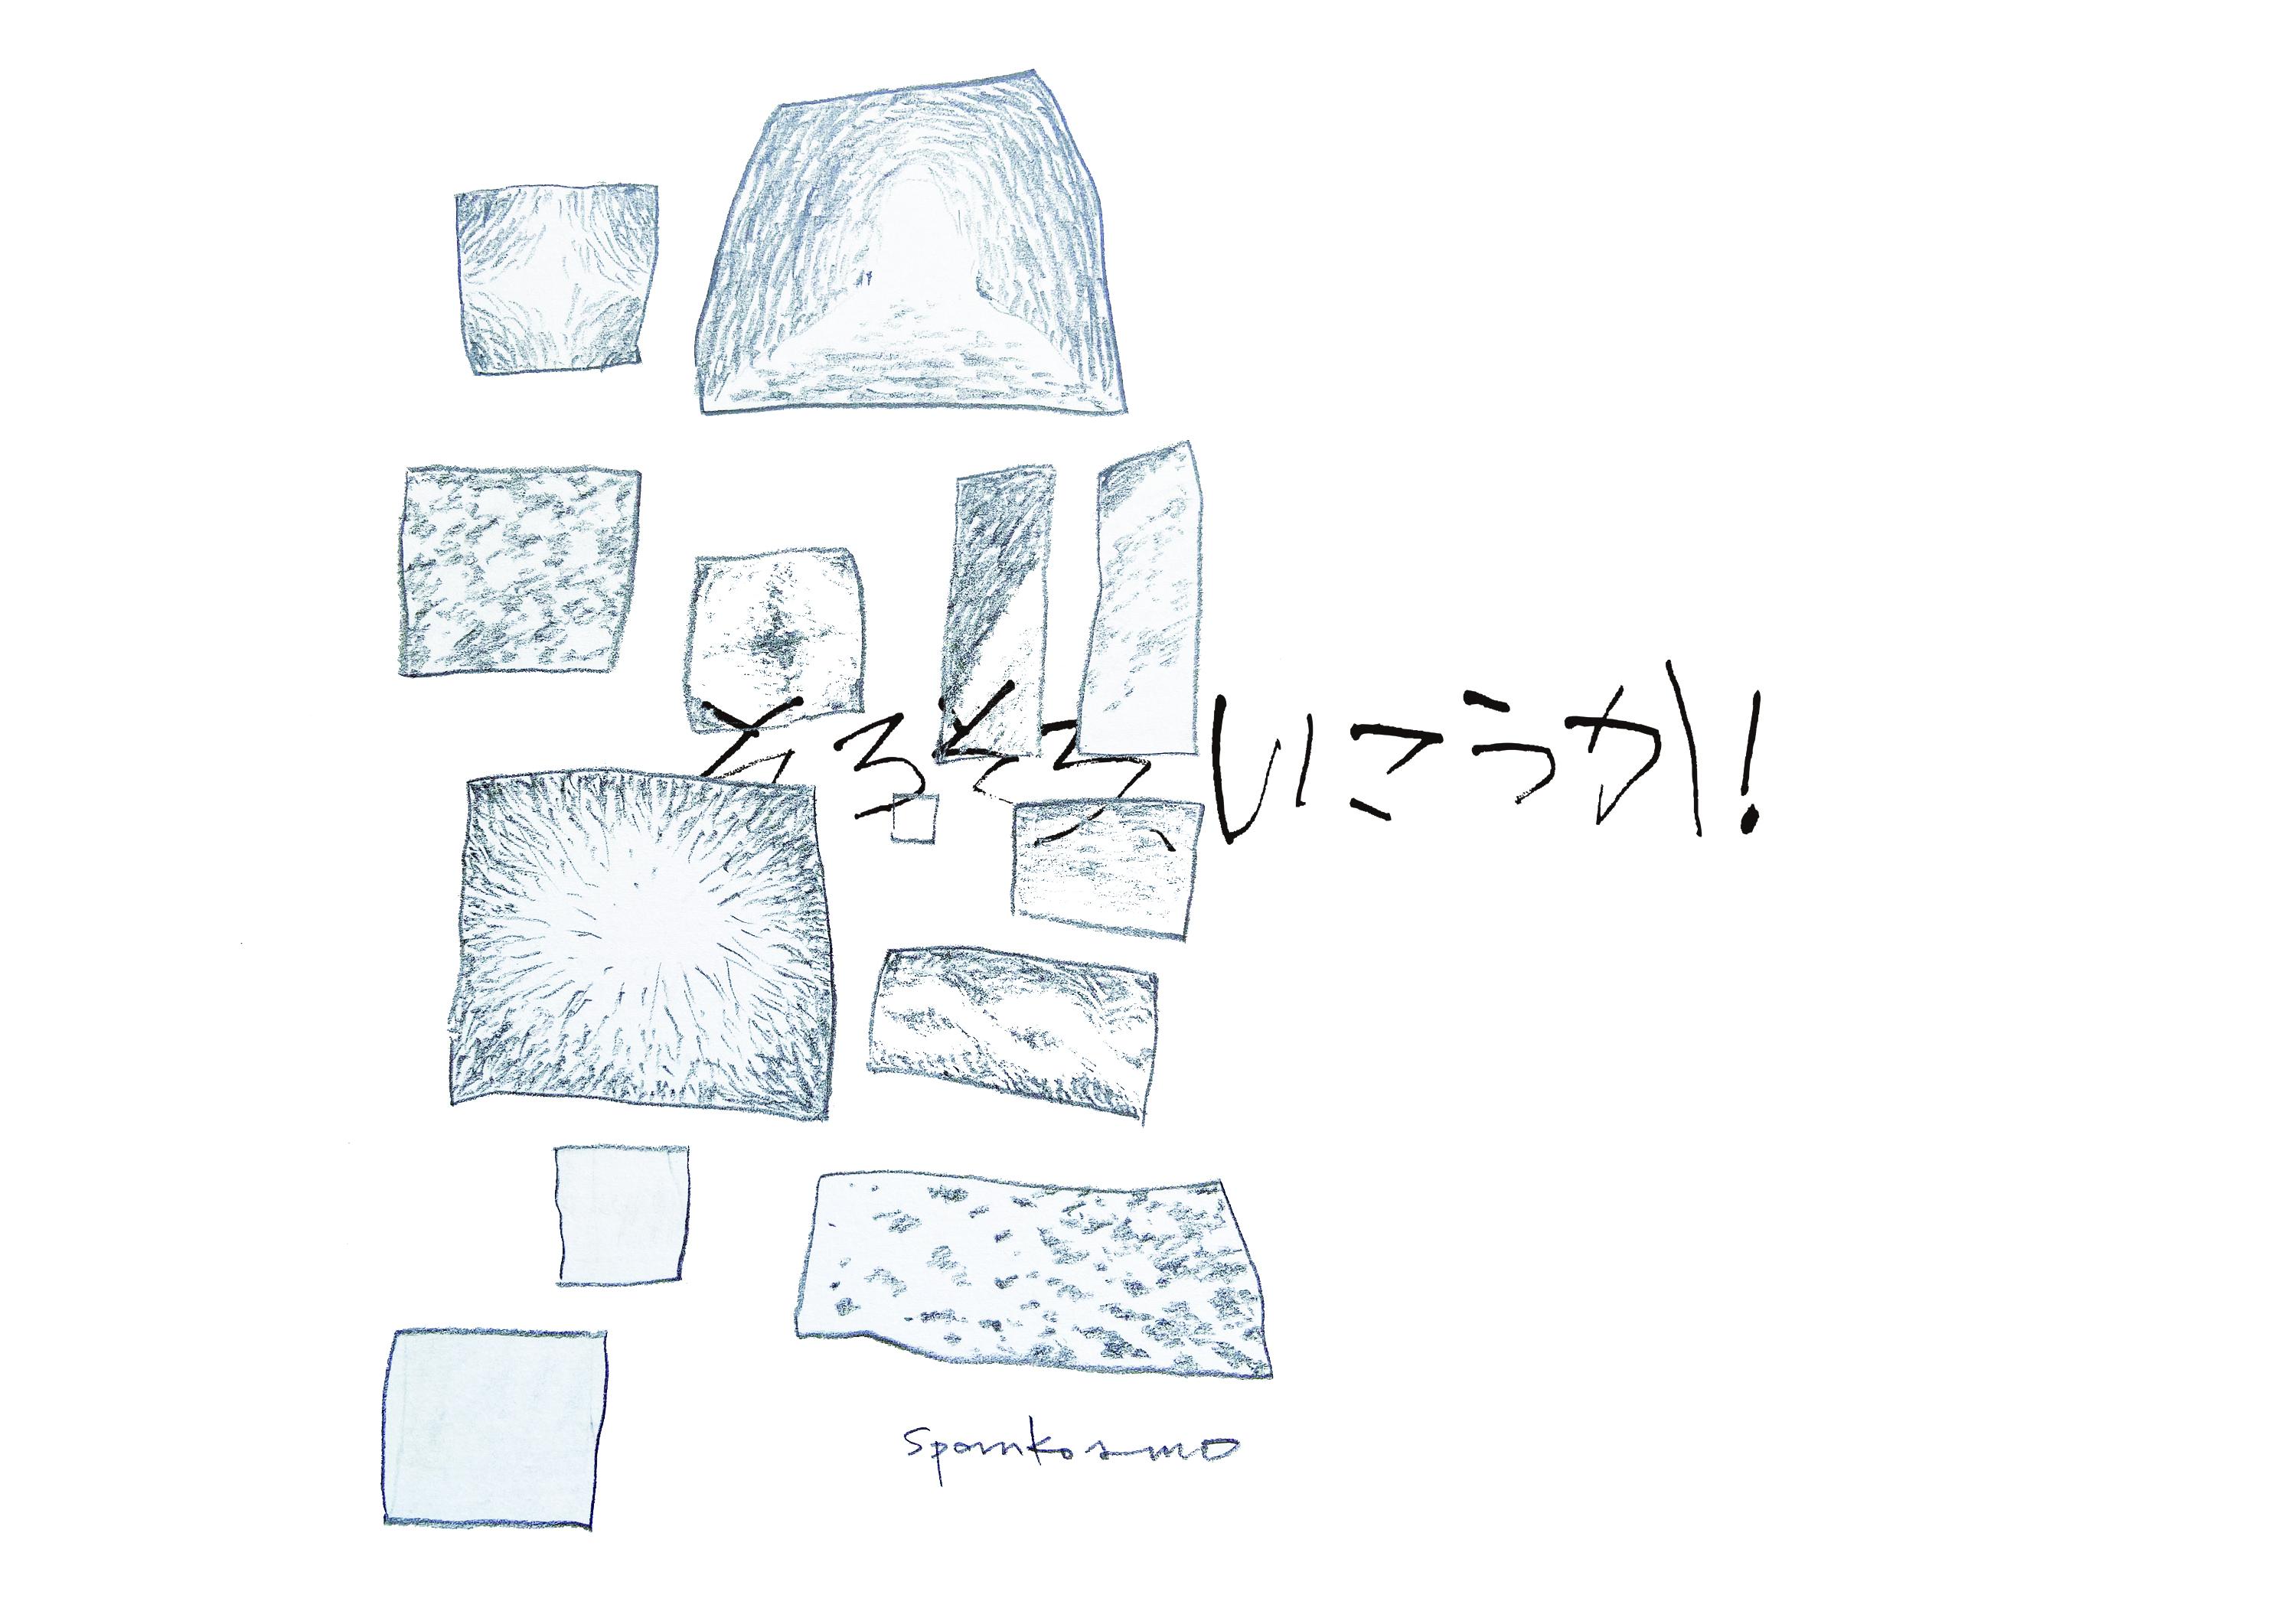 1/1-11【期間限定配信】スパン子/輿石bucky智弘『そろそろ、いこうか!』